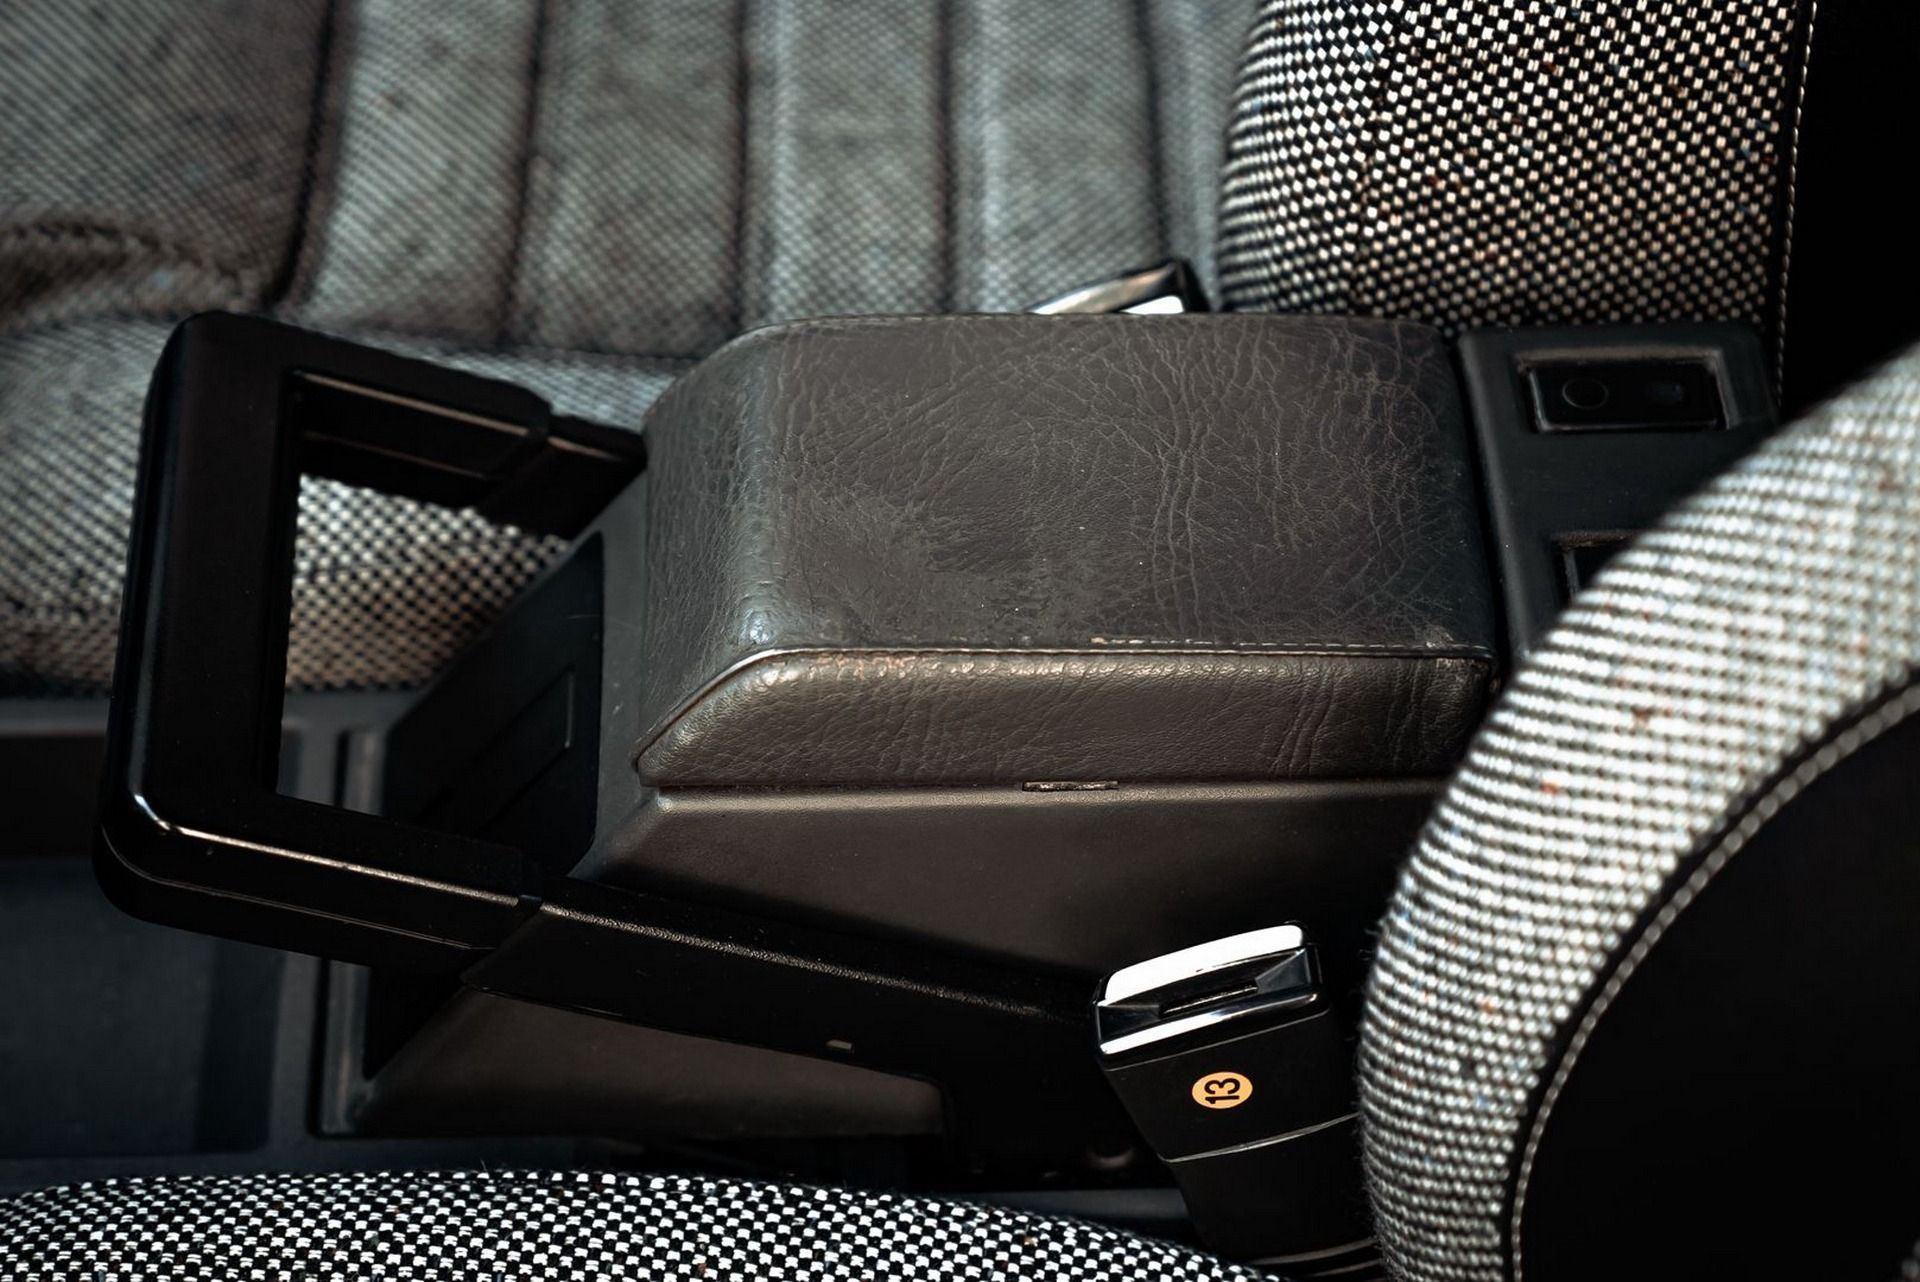 1987_Alfa_Romeo_75_Turbo_Evoluzione_sale-0036